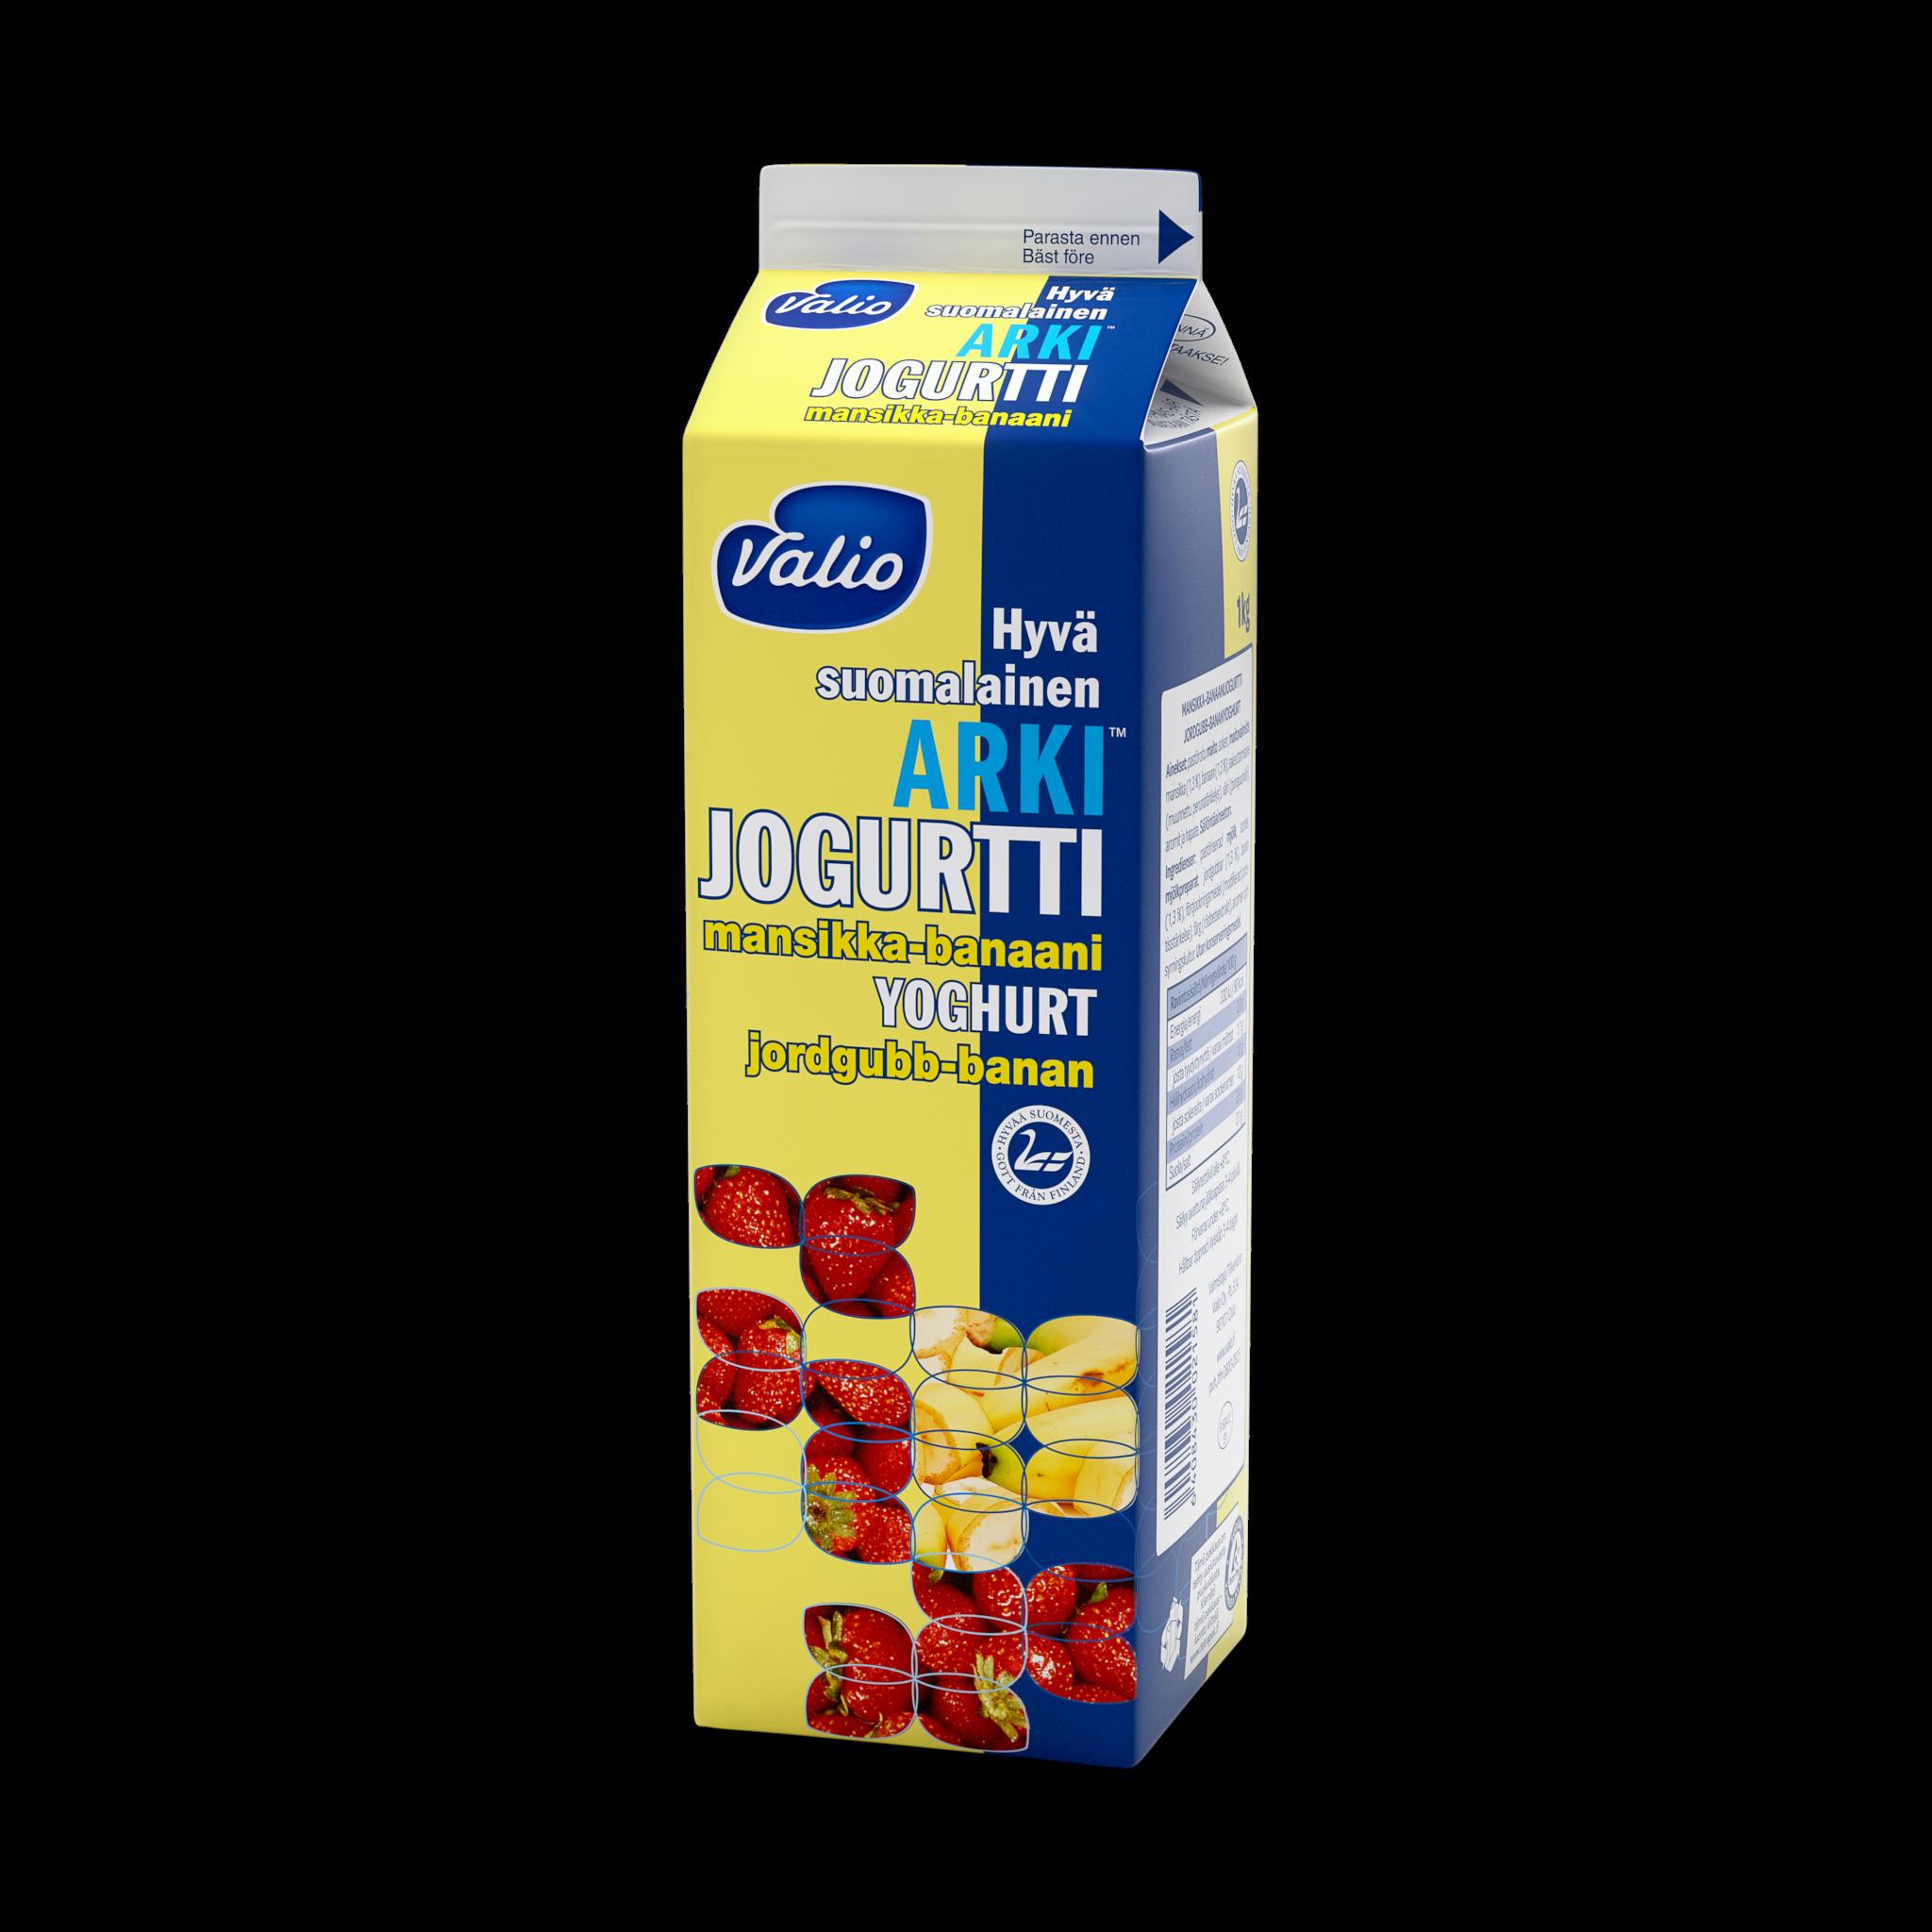 Valio Hyvä suomalainen Arki® jogurtti mansikka - banaani